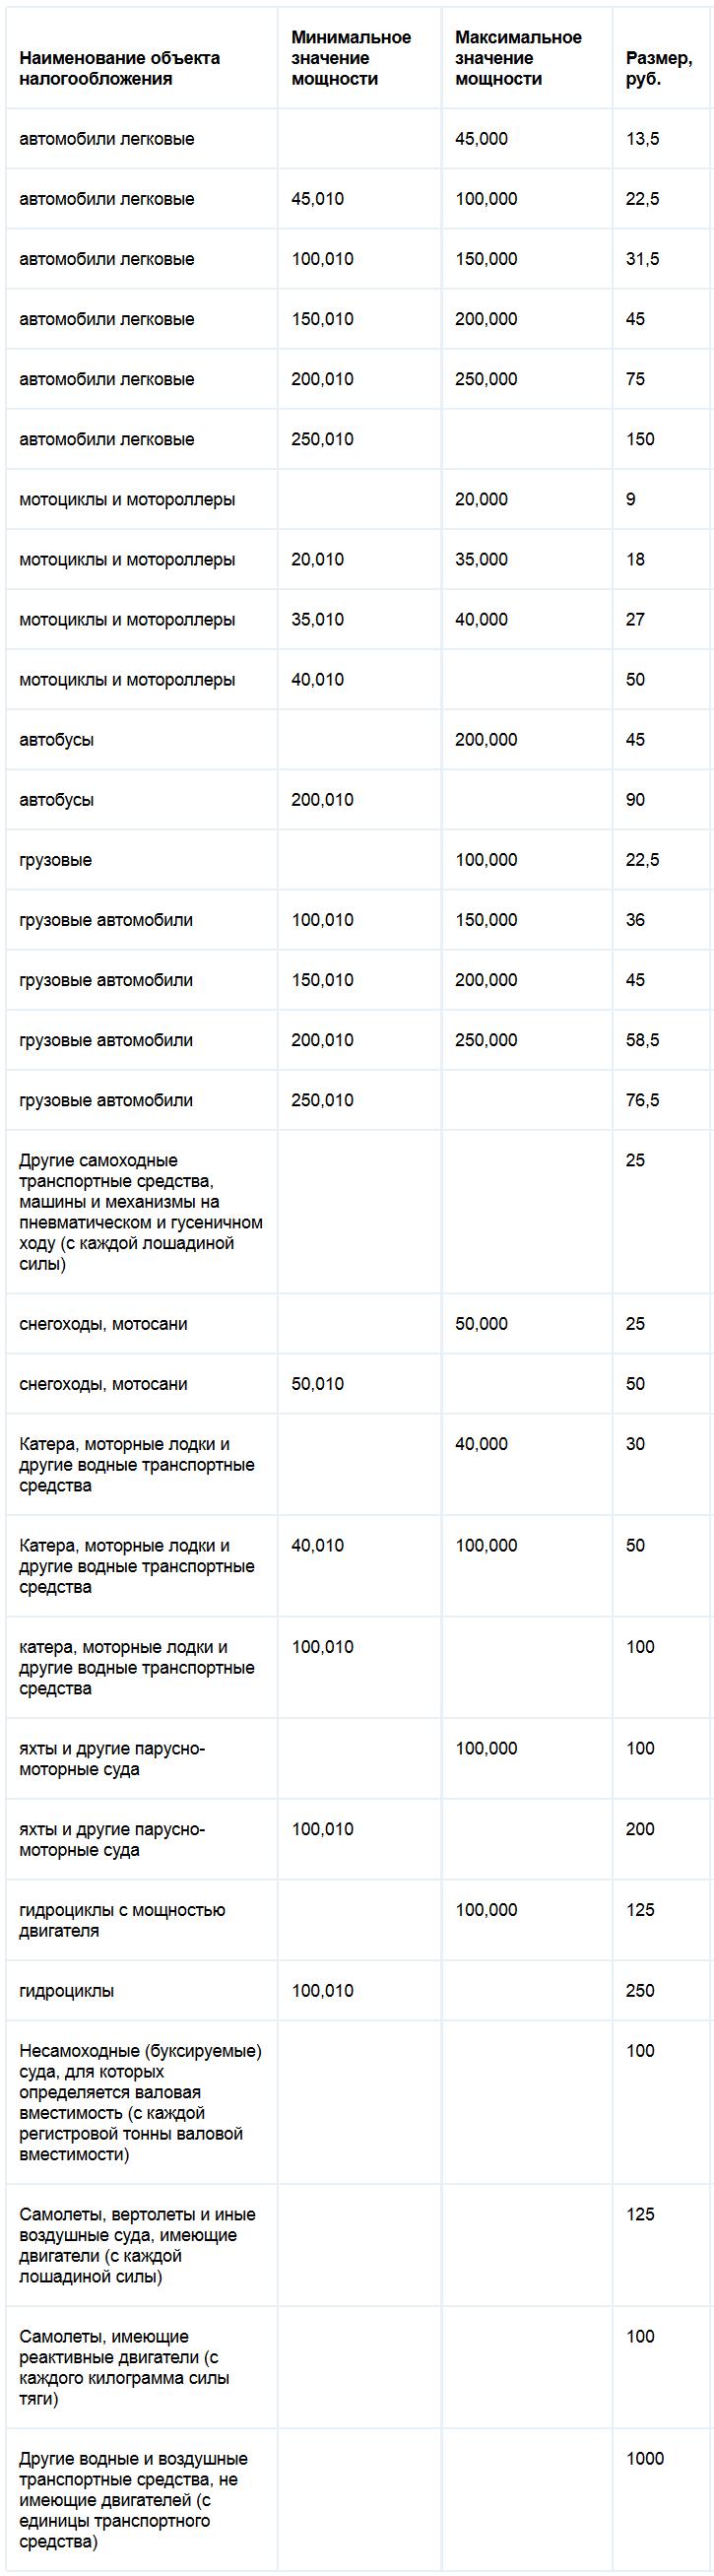 ставки на транспортный налог в Нижегородской области